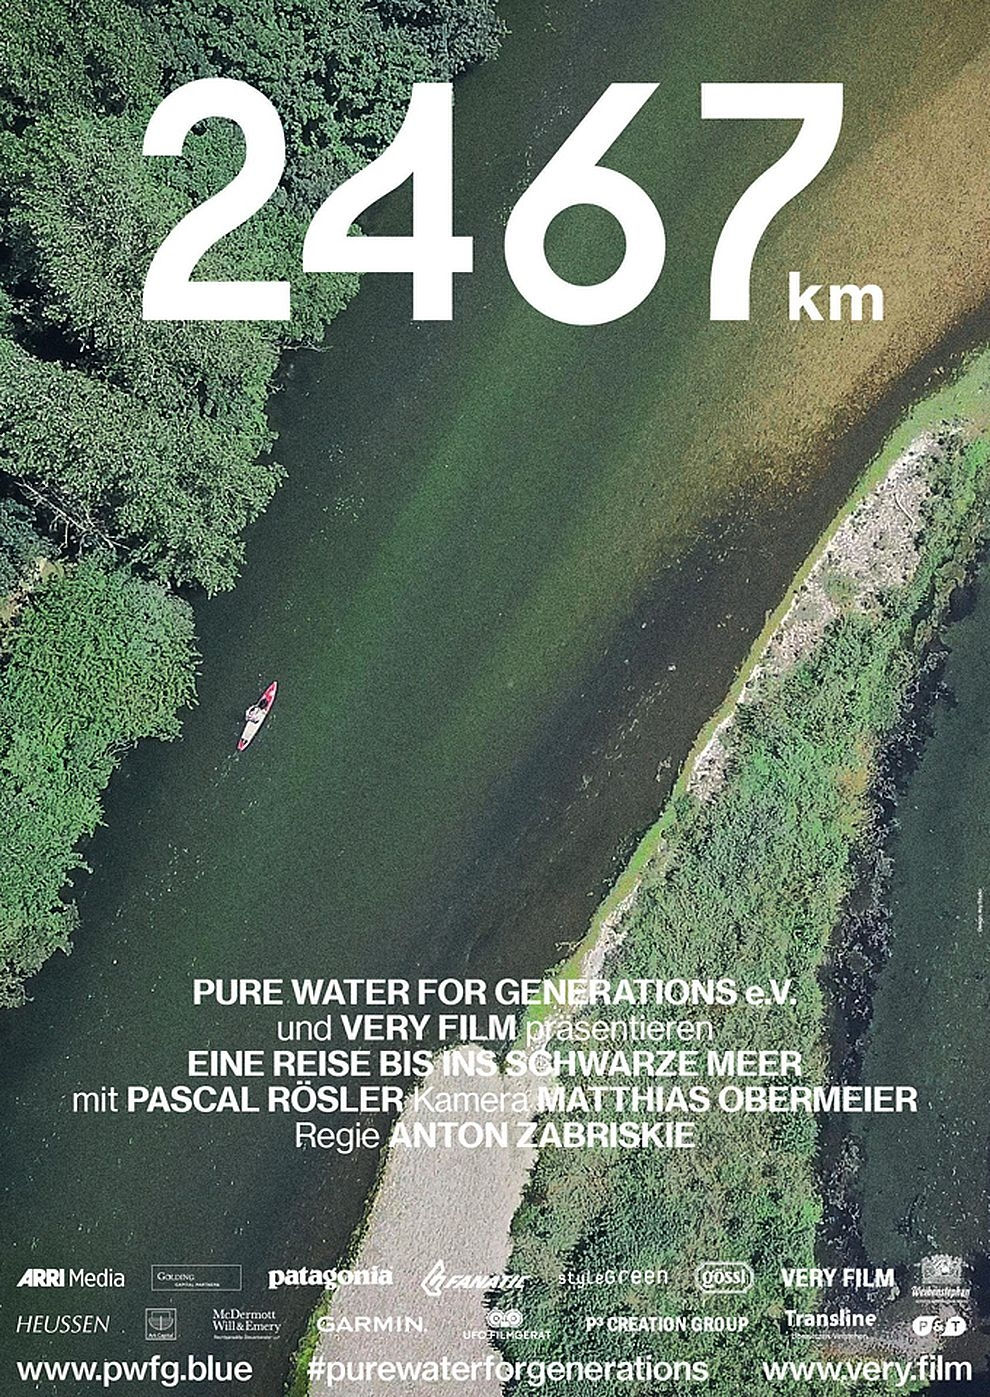 2467km - Eine Reise bis ins Schwarze Meer (Poster)